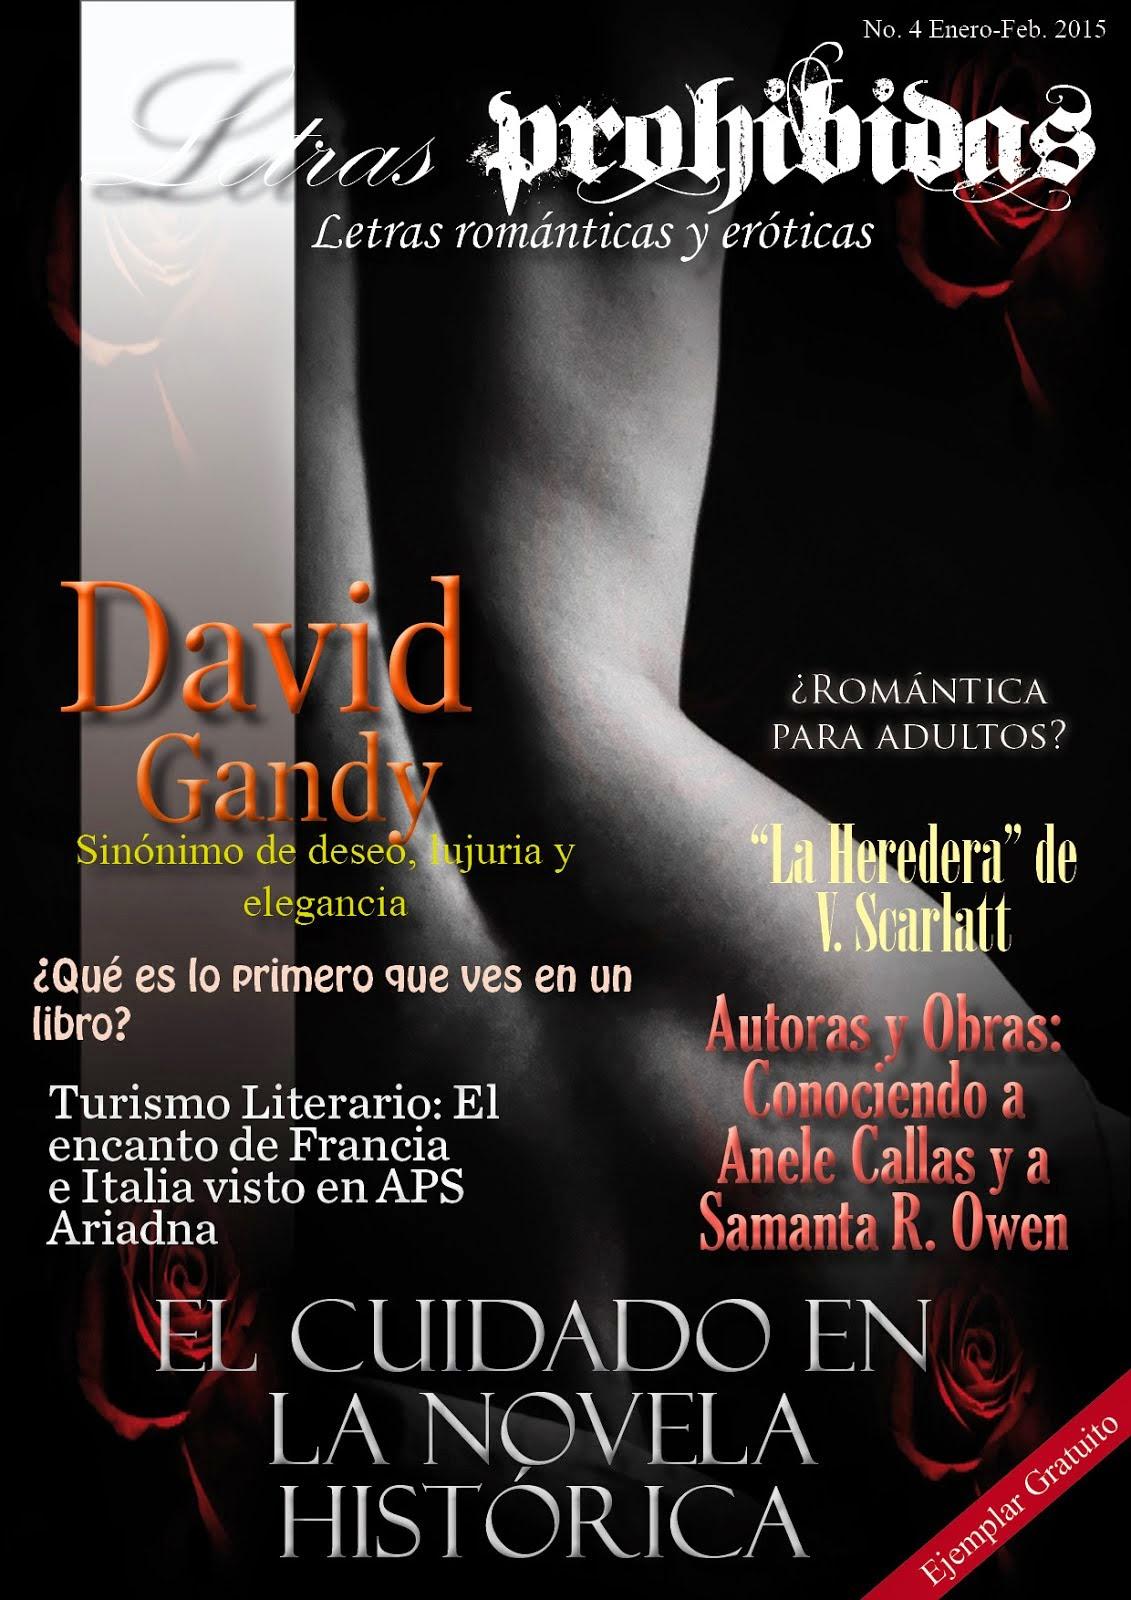 Edición Enero-Feb. 2015